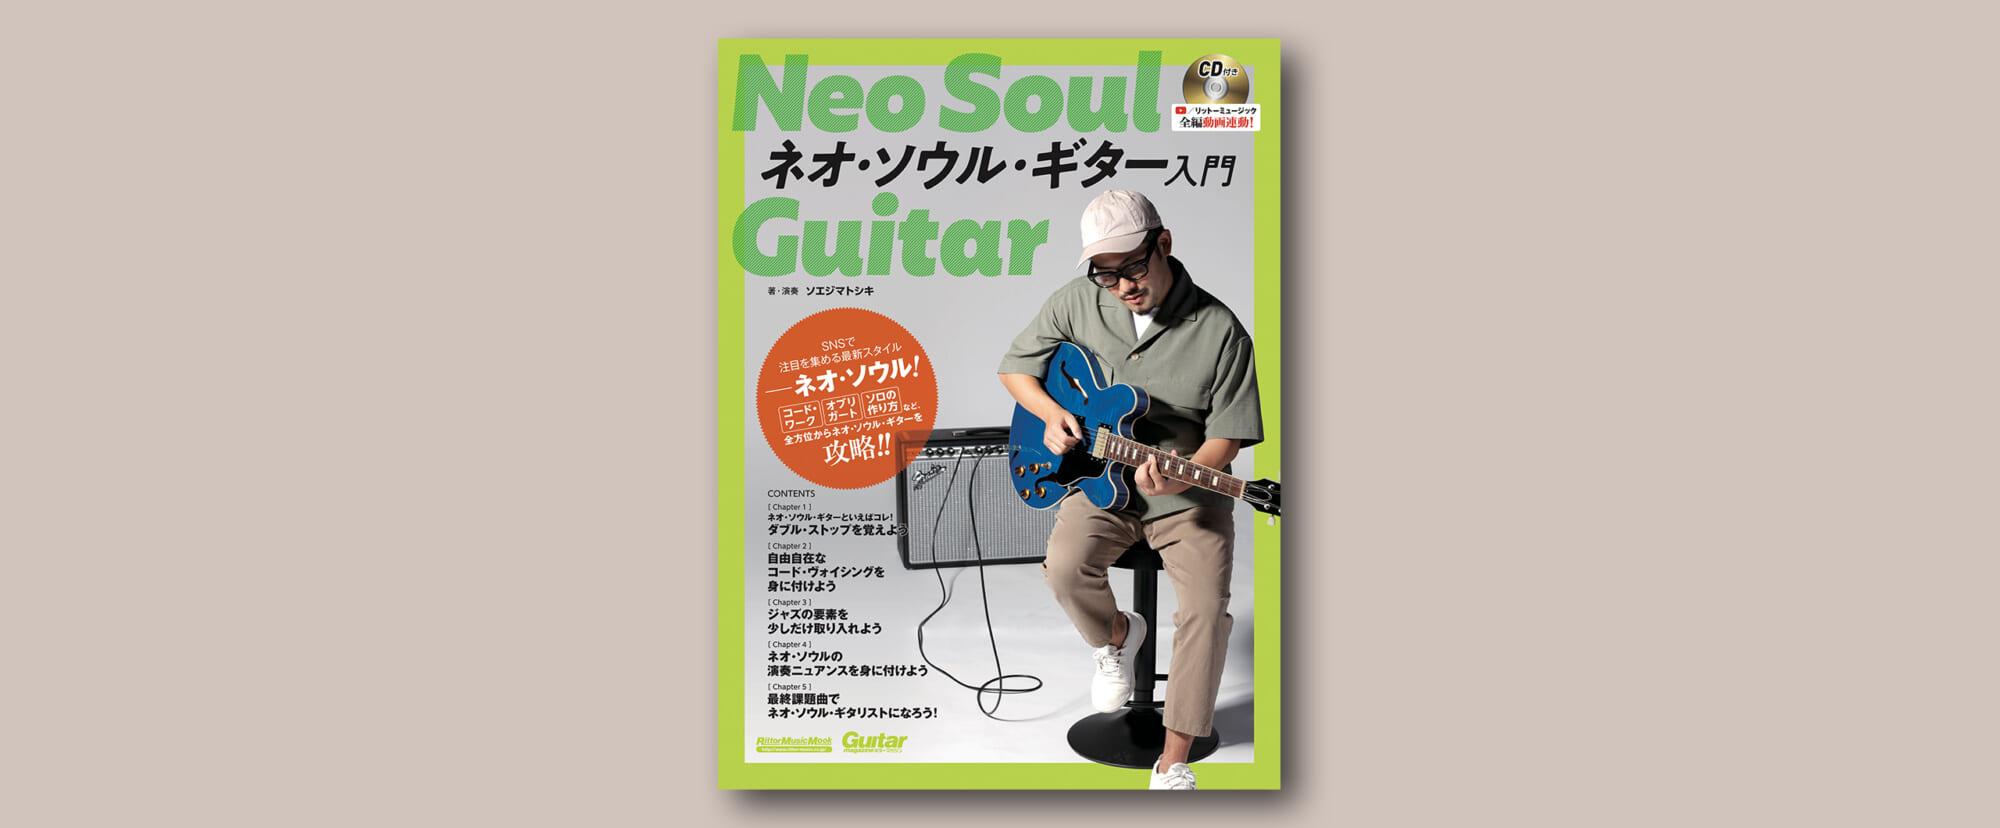 SNSで人気のギター講師=ソエジマトシキによる『ネオ・ソウル・ギター入門』が発売決定!